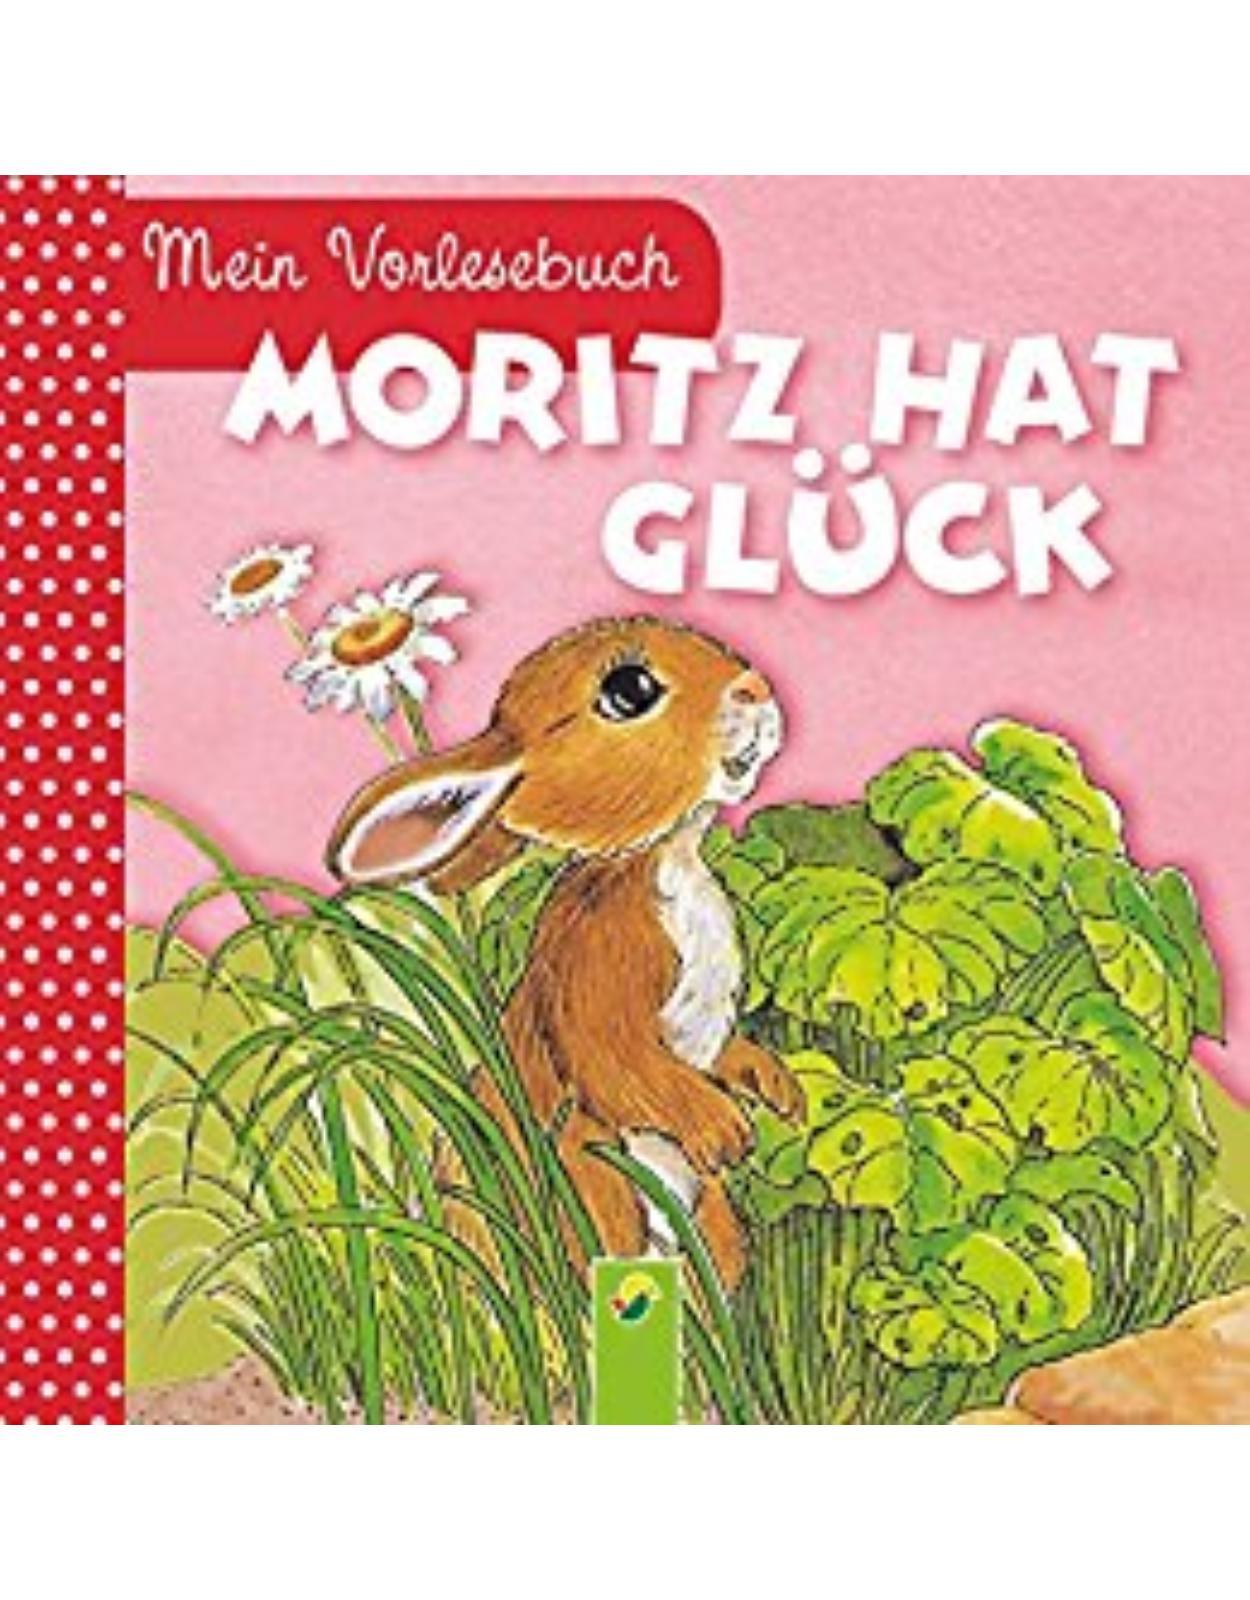 Moritz hat Glück: Mein Vorlesebuch. Durchgehende Geschichte für Kinder ab 2 Jahren